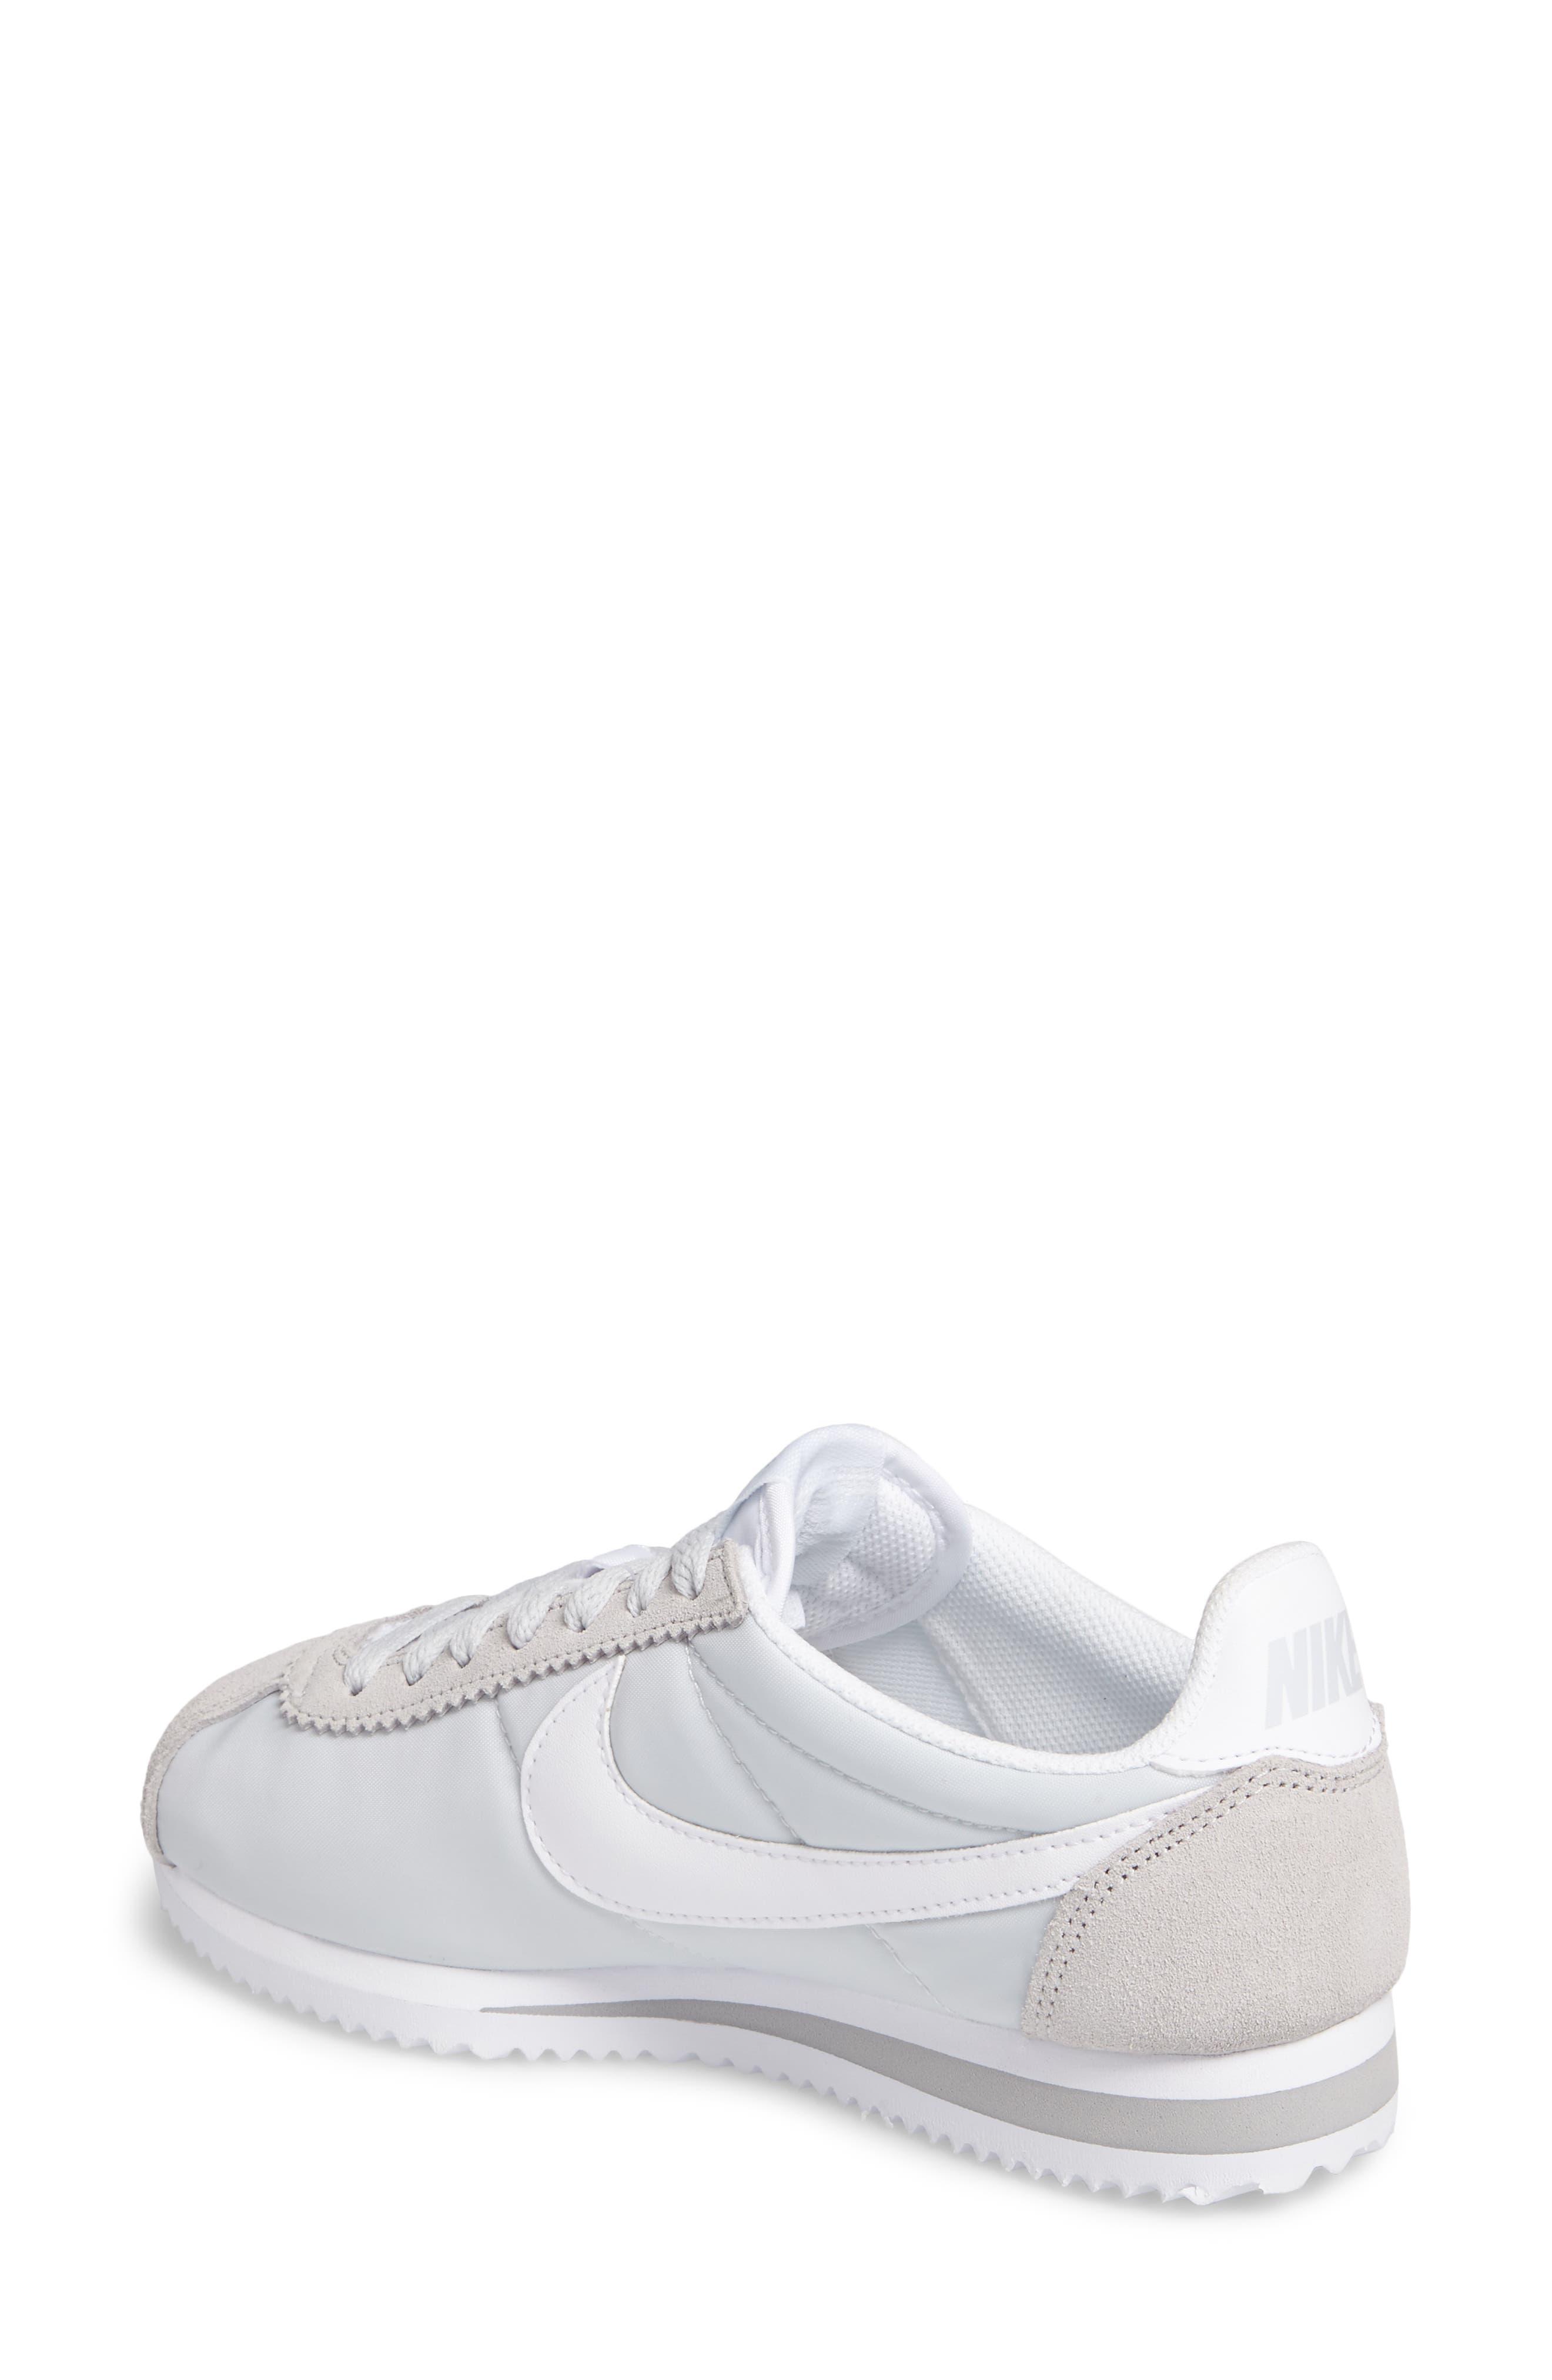 'Classic Cortez' Sneaker,                             Alternate thumbnail 6, color,